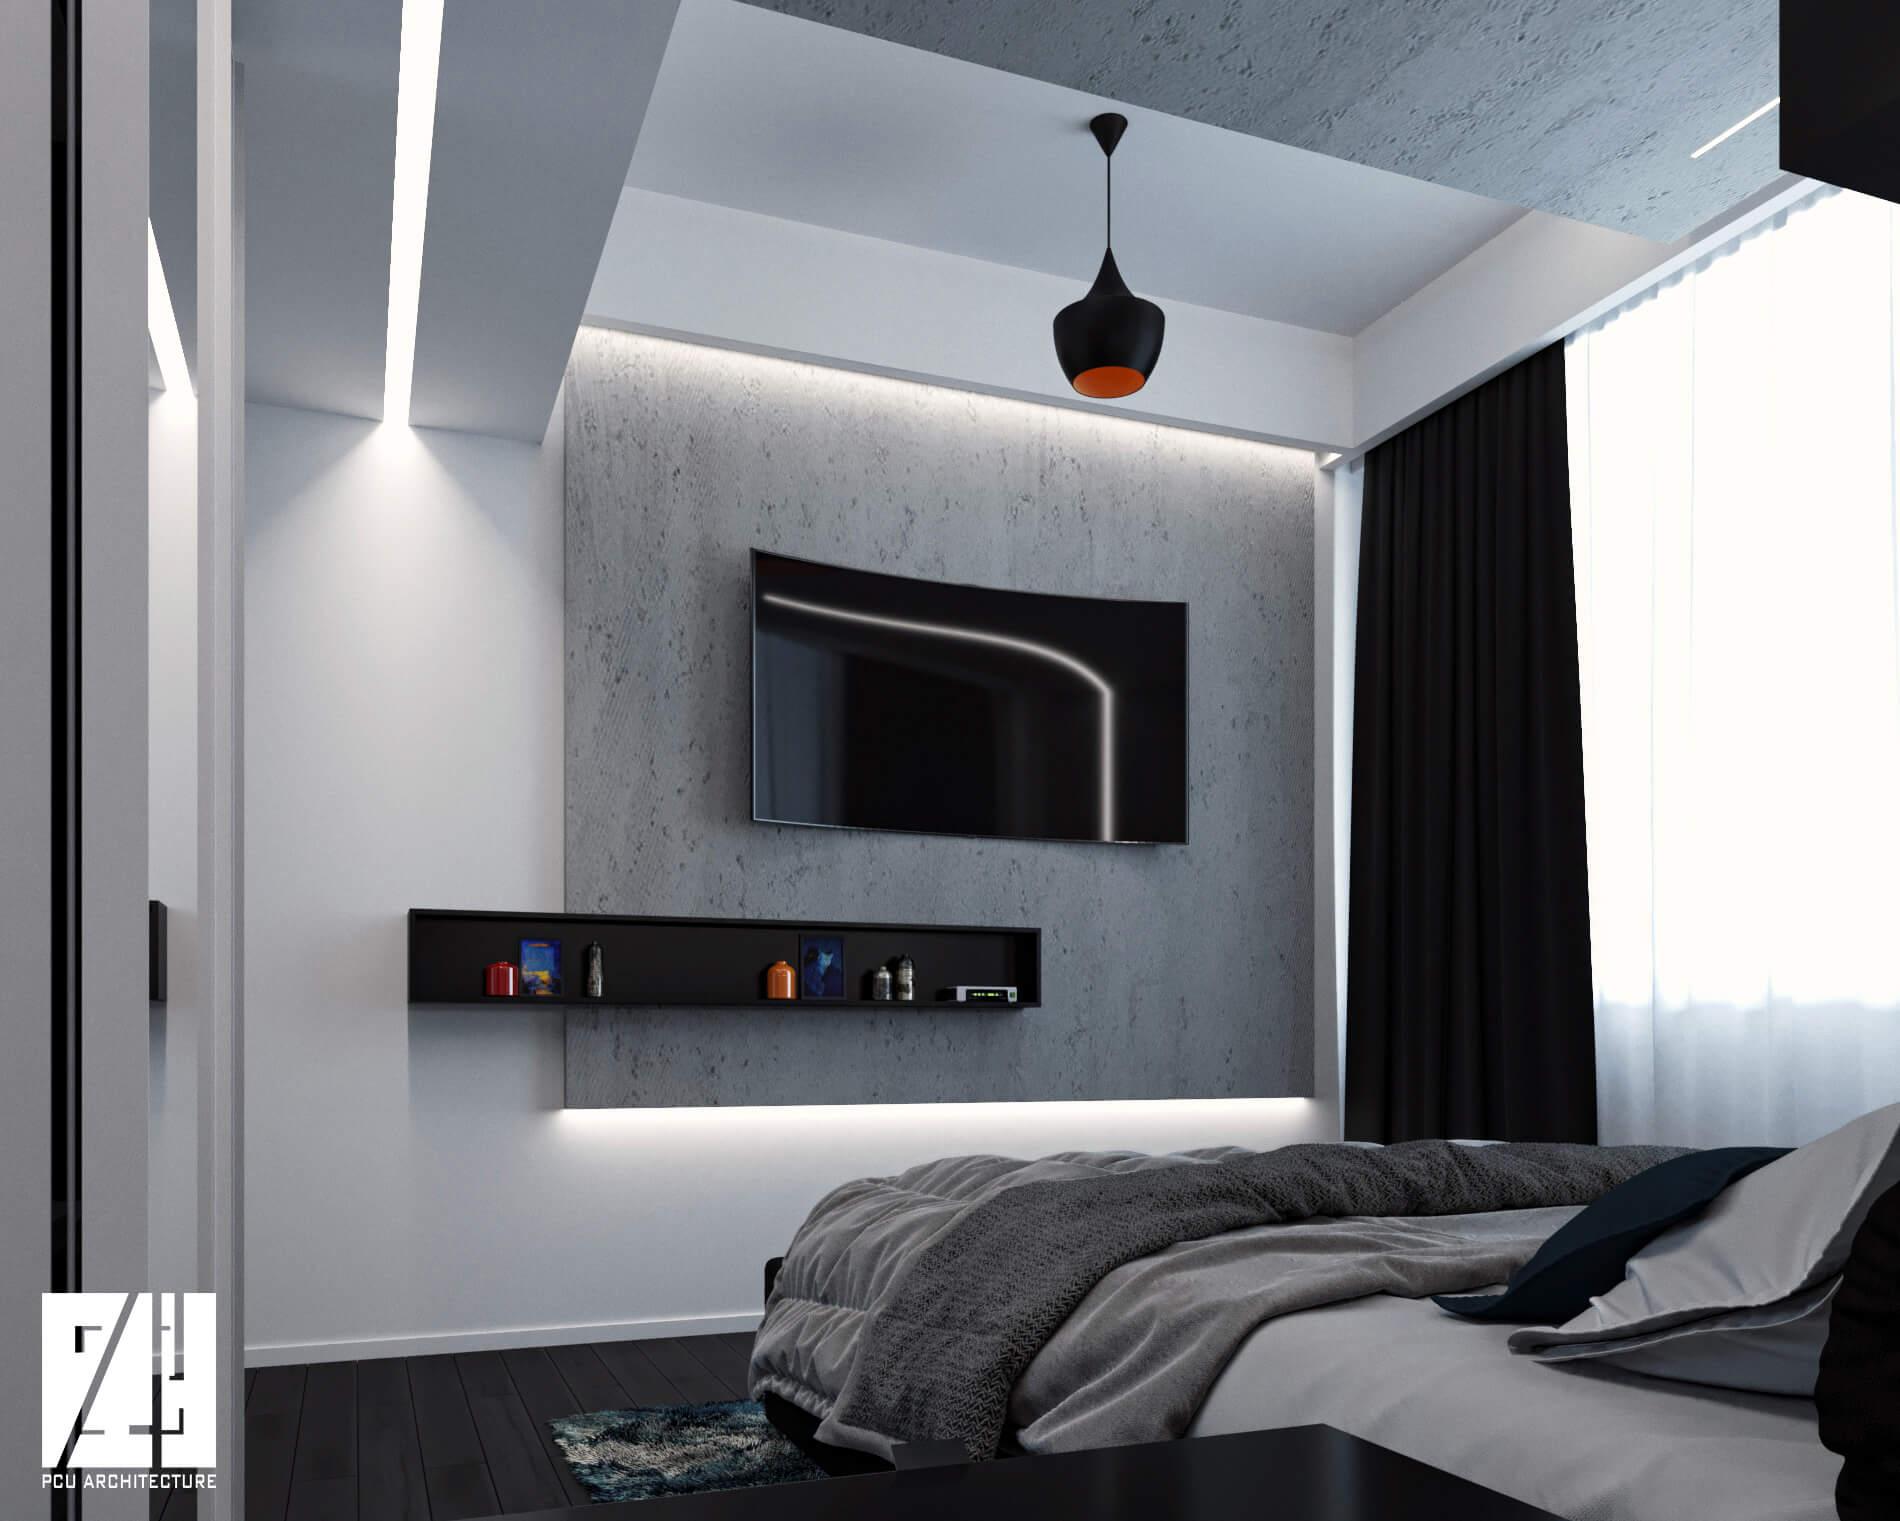 05_DI_APARTAMENT 3_Dormitor_unghi2